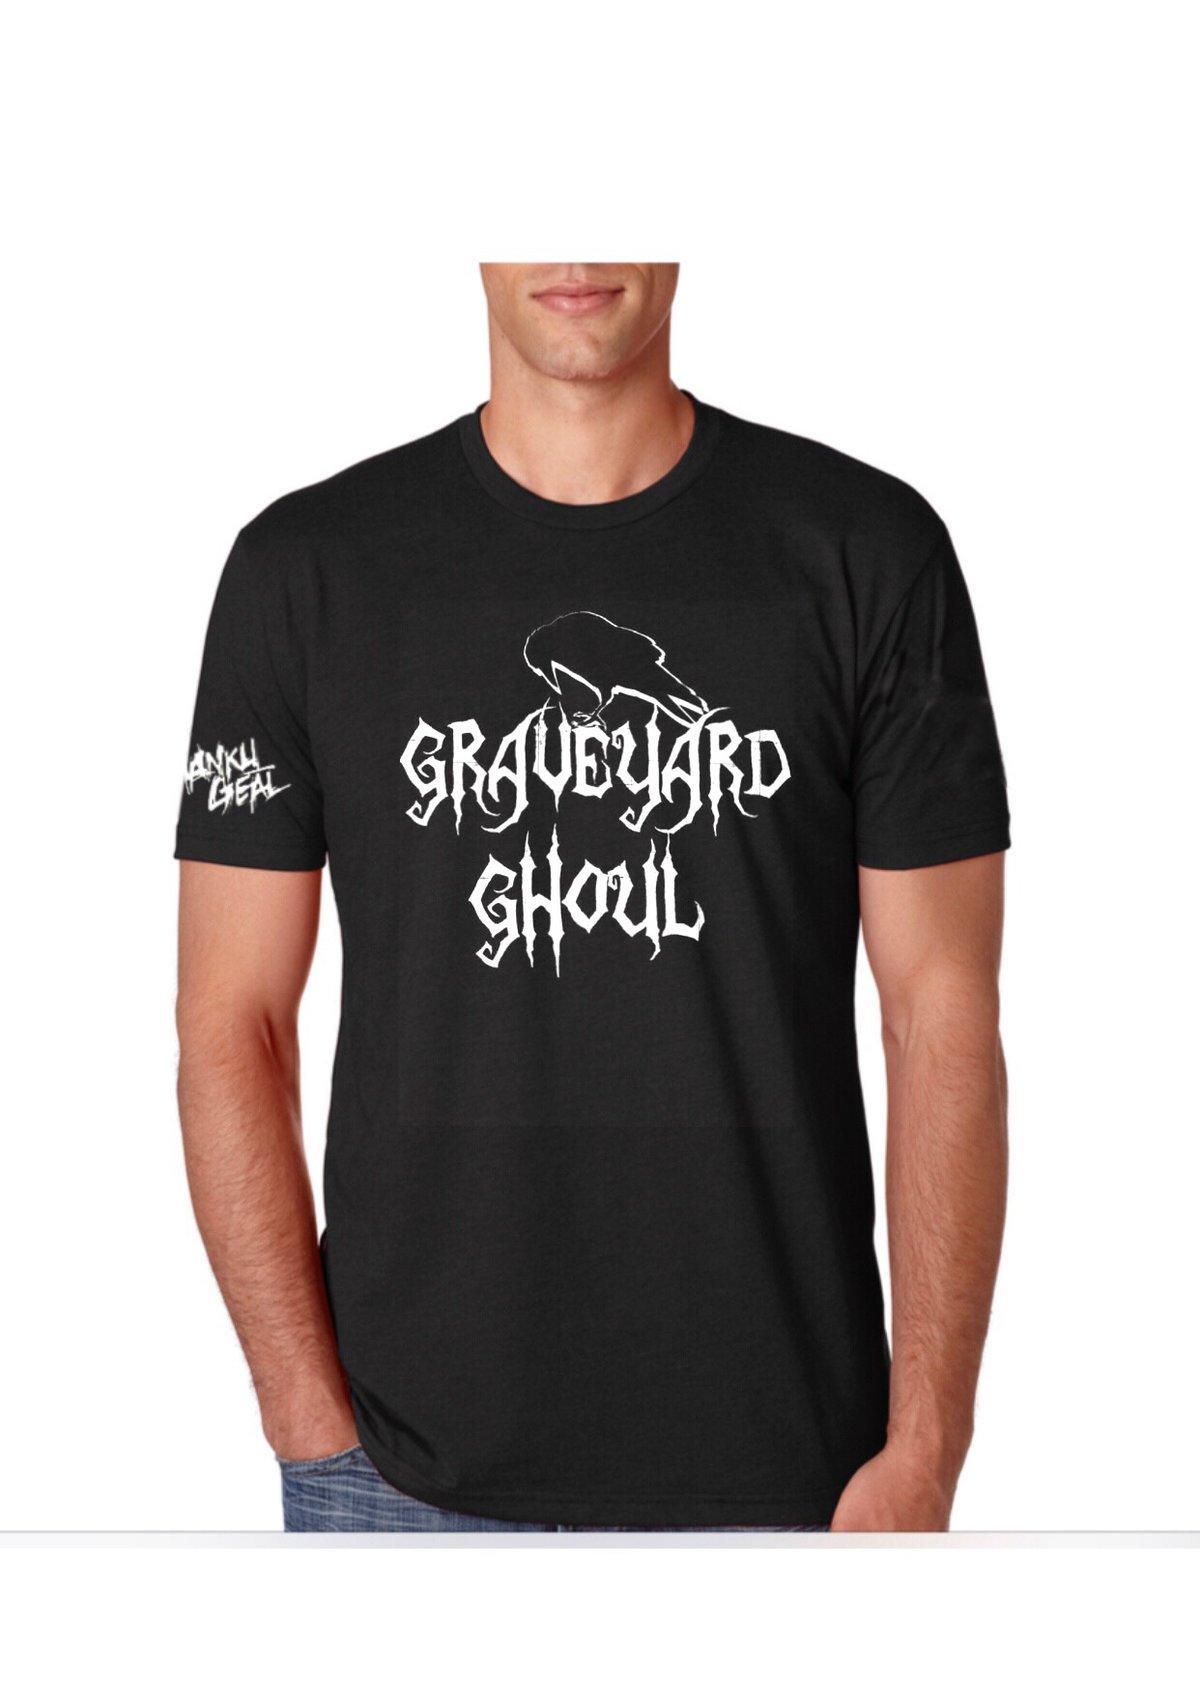 Image of Graveyard Ghoul Mens Ter